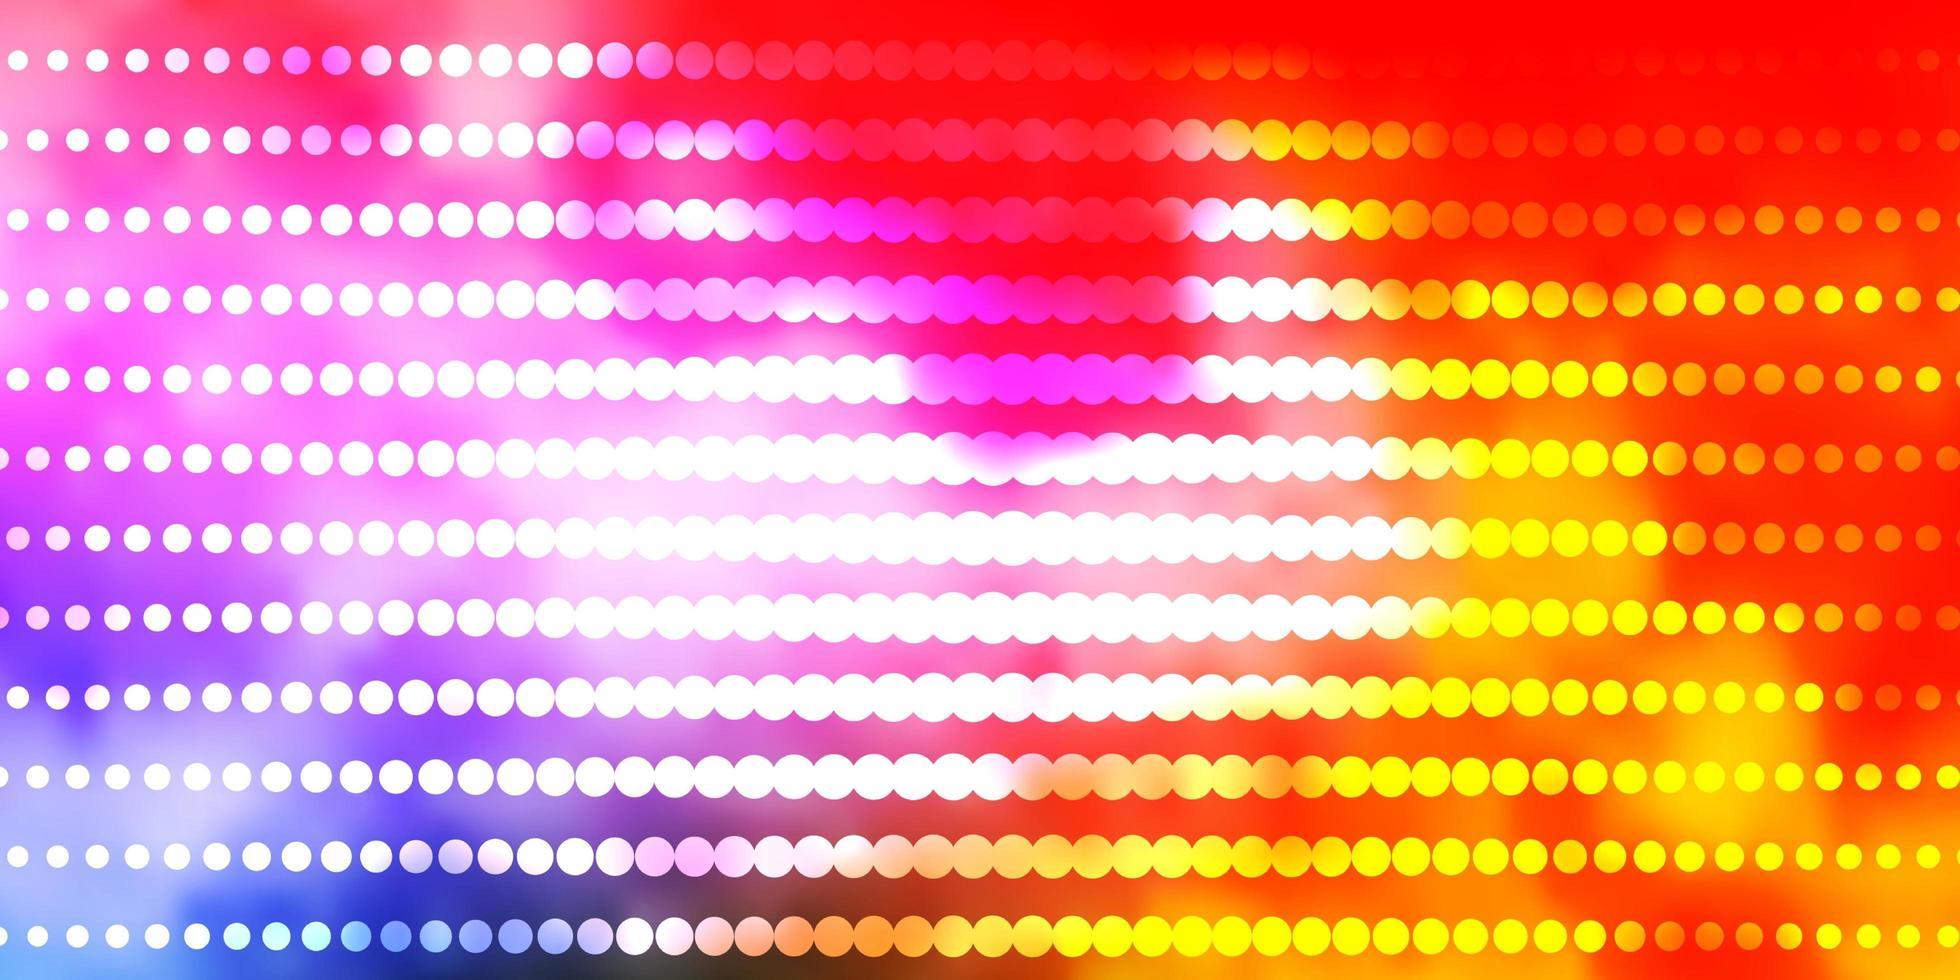 modello multicolore con cerchi. vettore